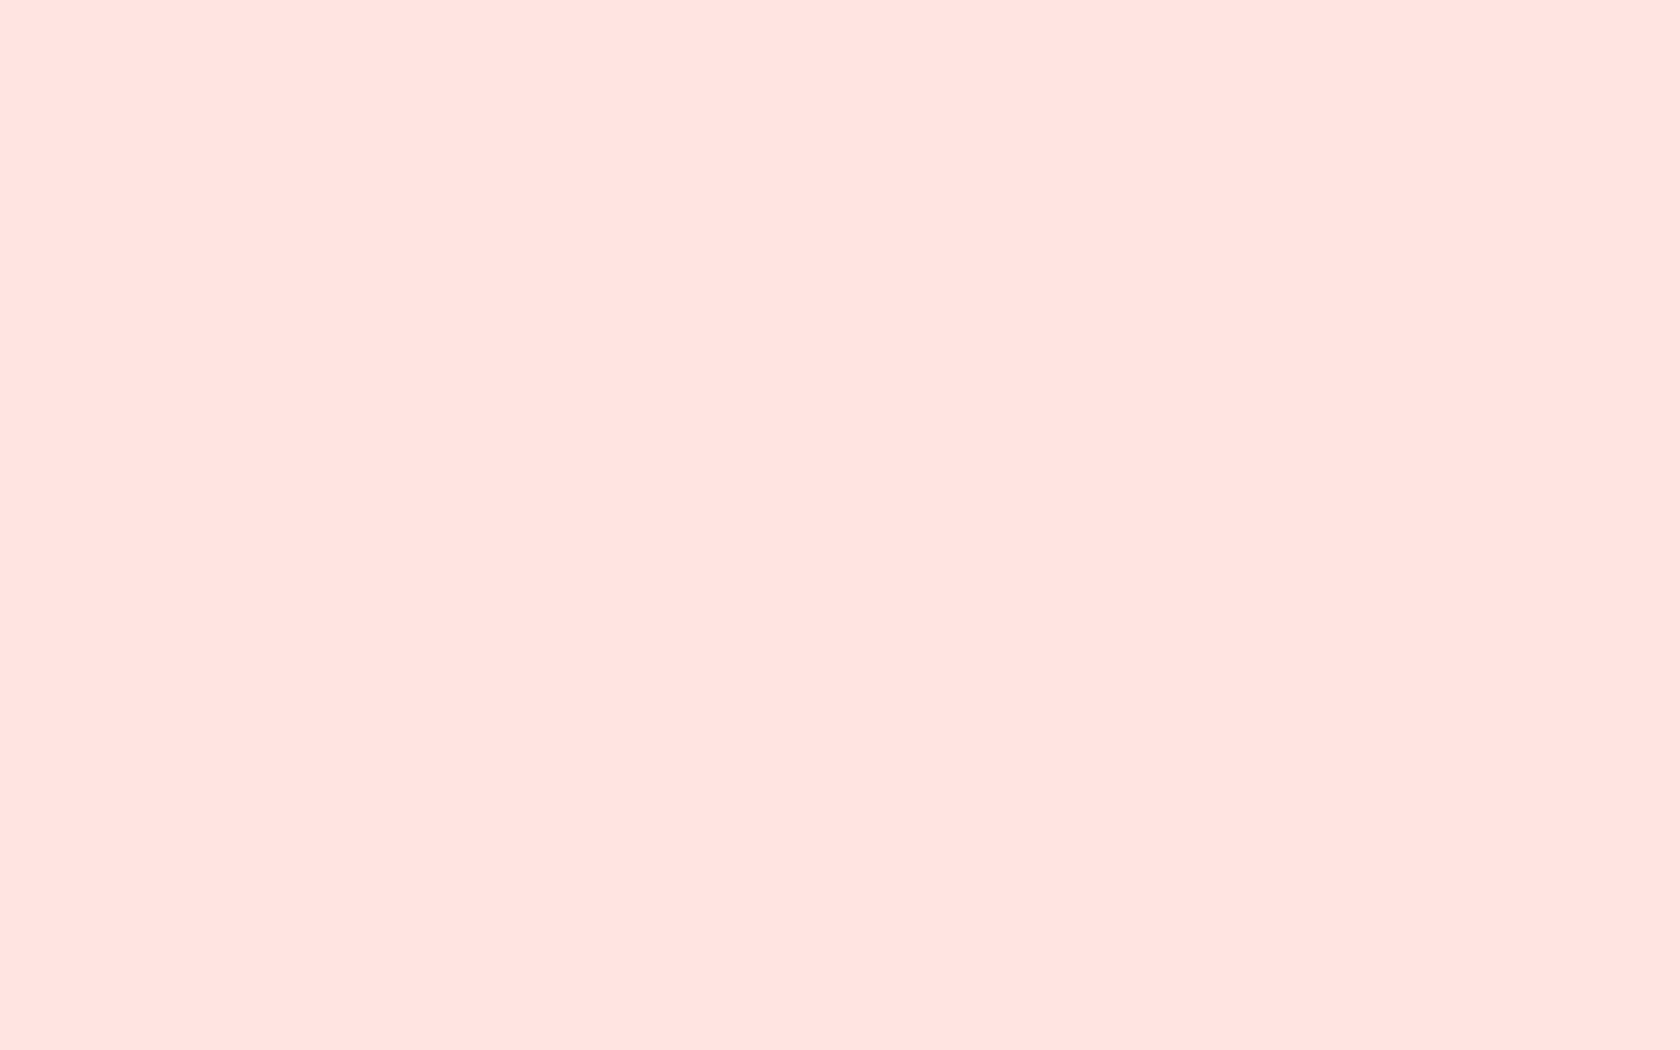 1680x1050 Misty Rose Solid Color Background